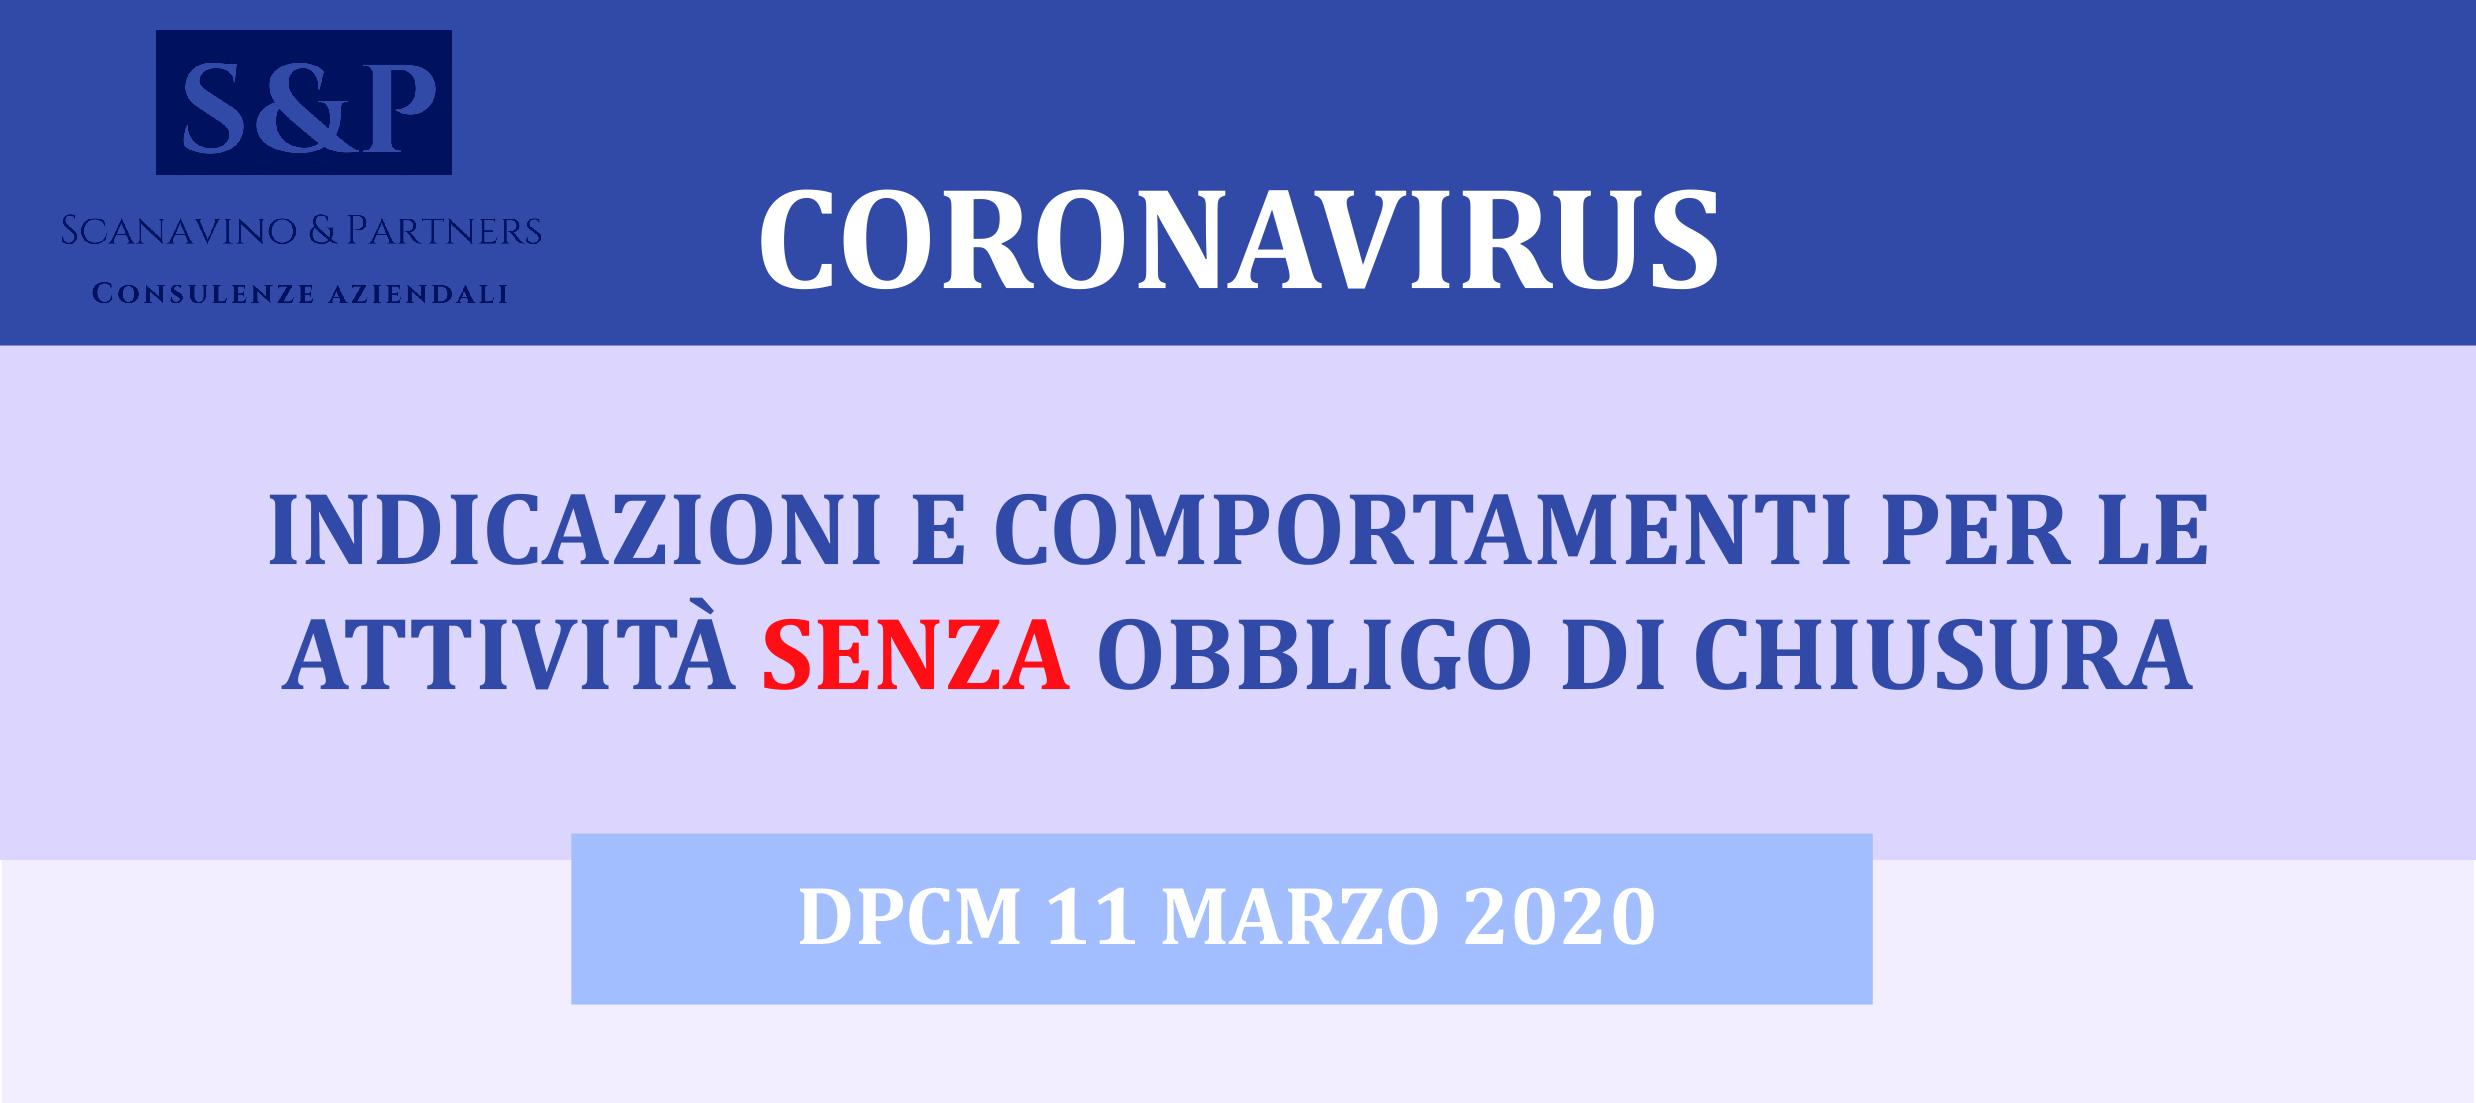 Coronavirus: nuovi aggiornamenti DPCM 11 Marzo 2020